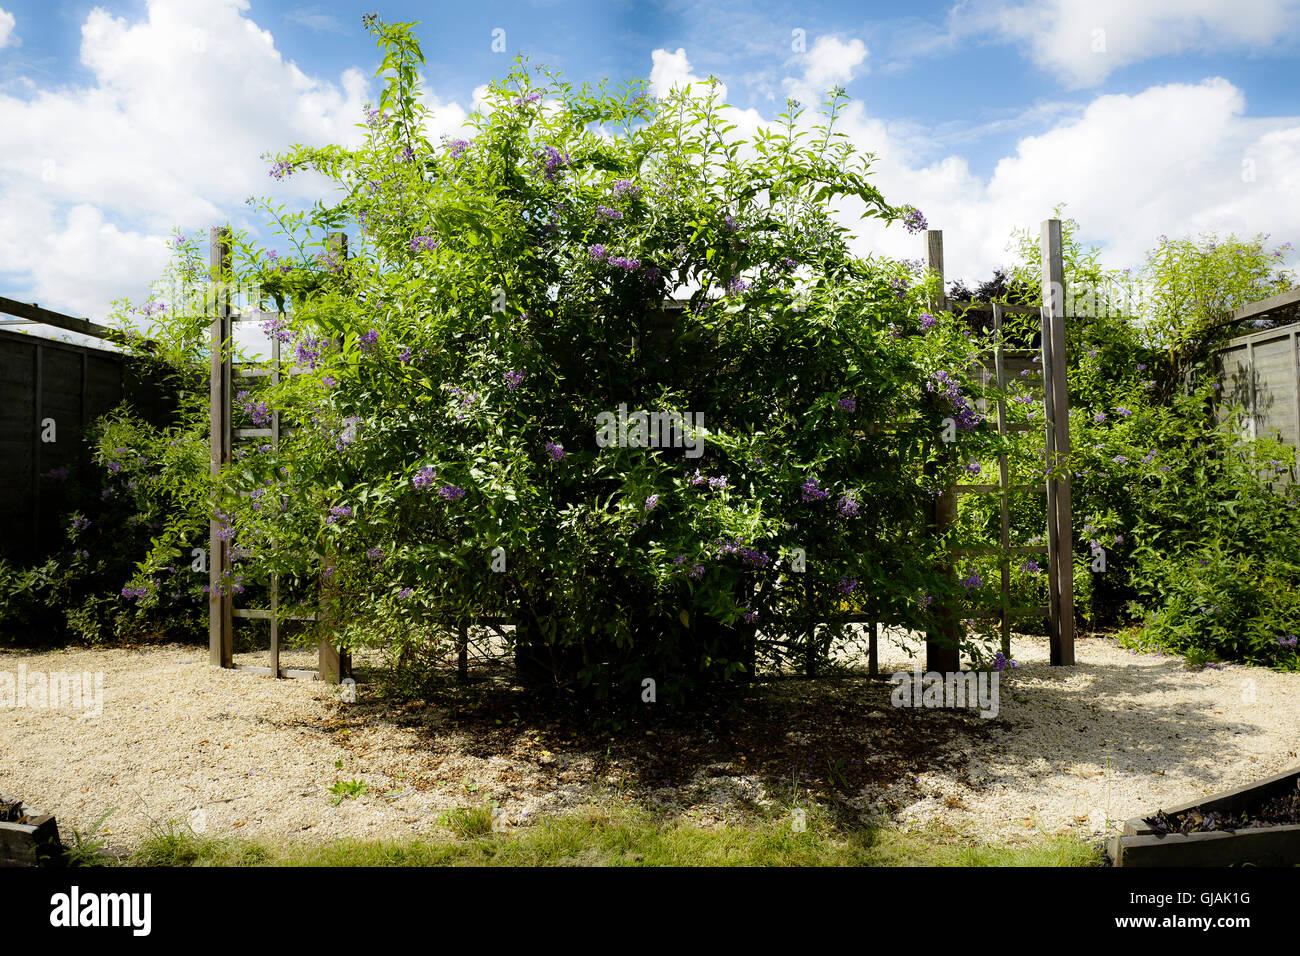 Solanum crispum growing in a community garden in Wiltshire UK - Stock Image